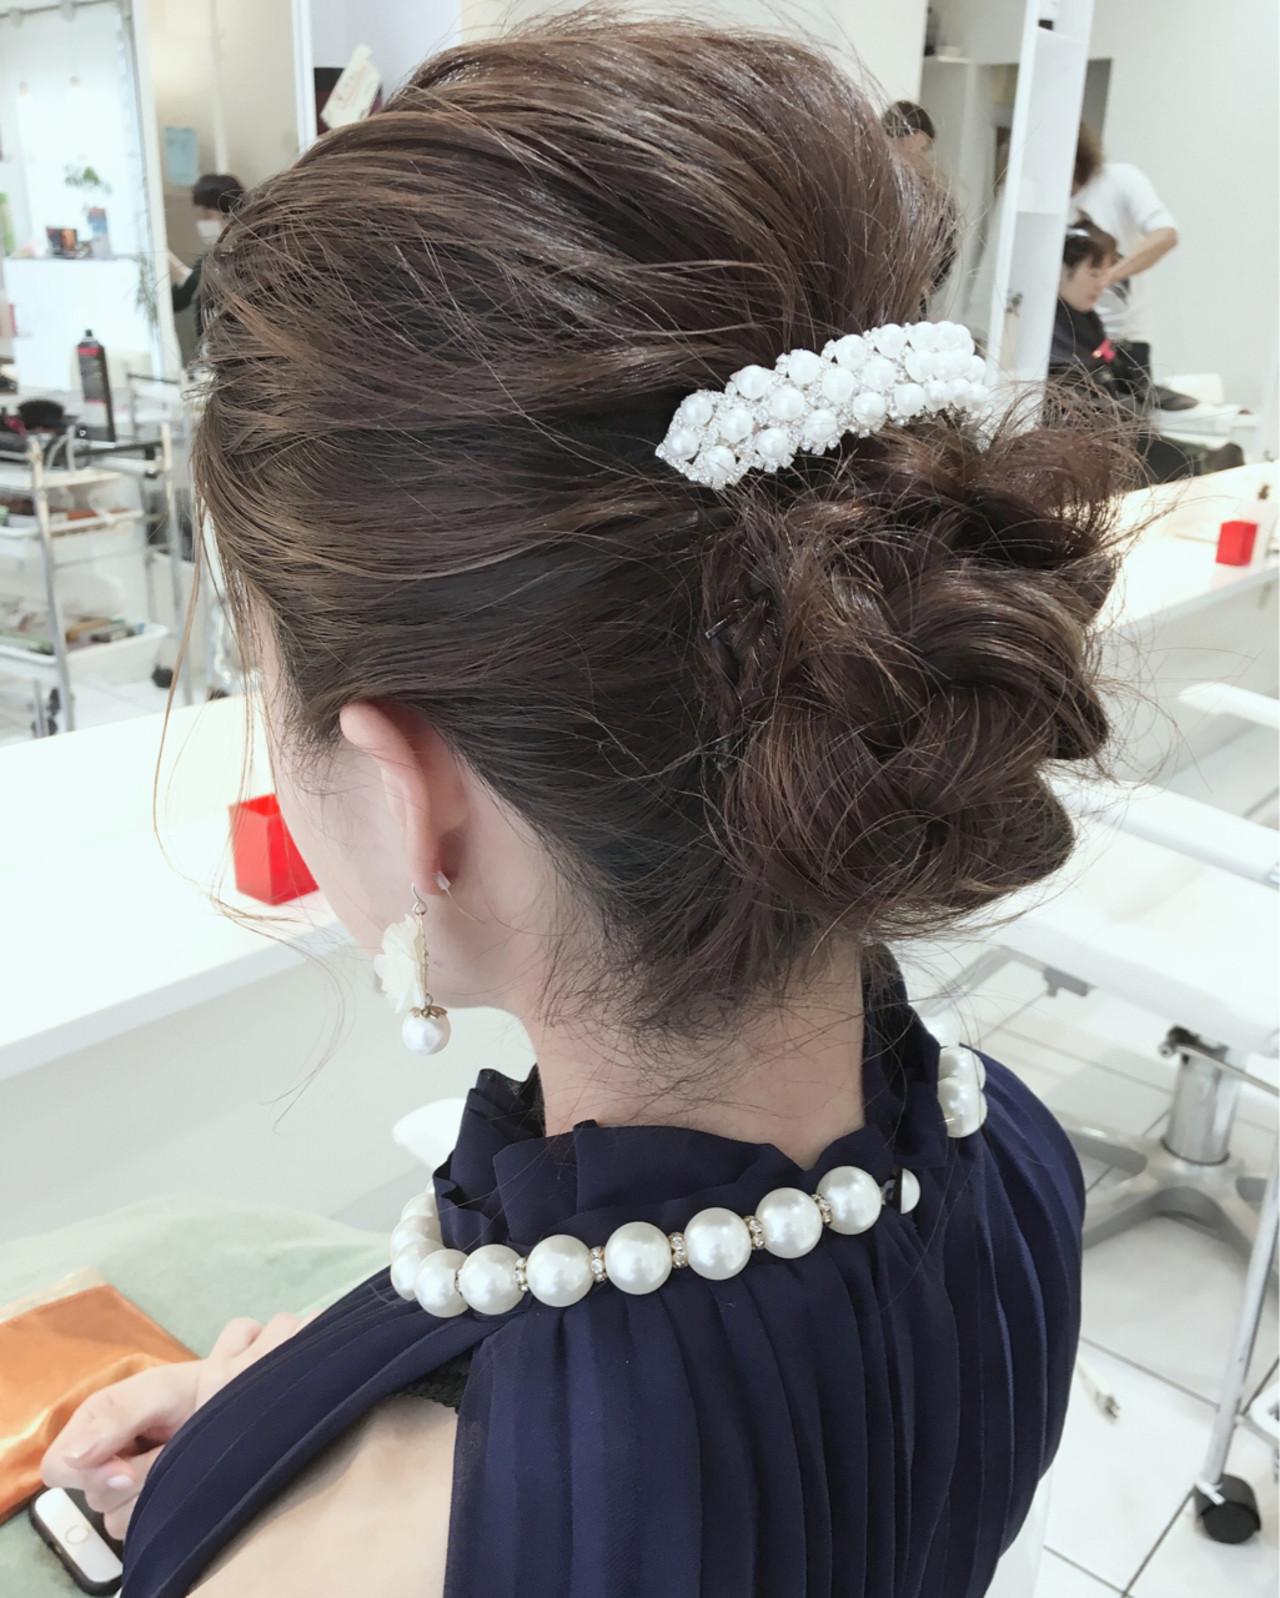 ハーフアップ 大人女子 簡単ヘアアレンジ 編み込み ヘアスタイルや髪型の写真・画像 | 石田裕紀 / Baroque 立川 newtonグループ